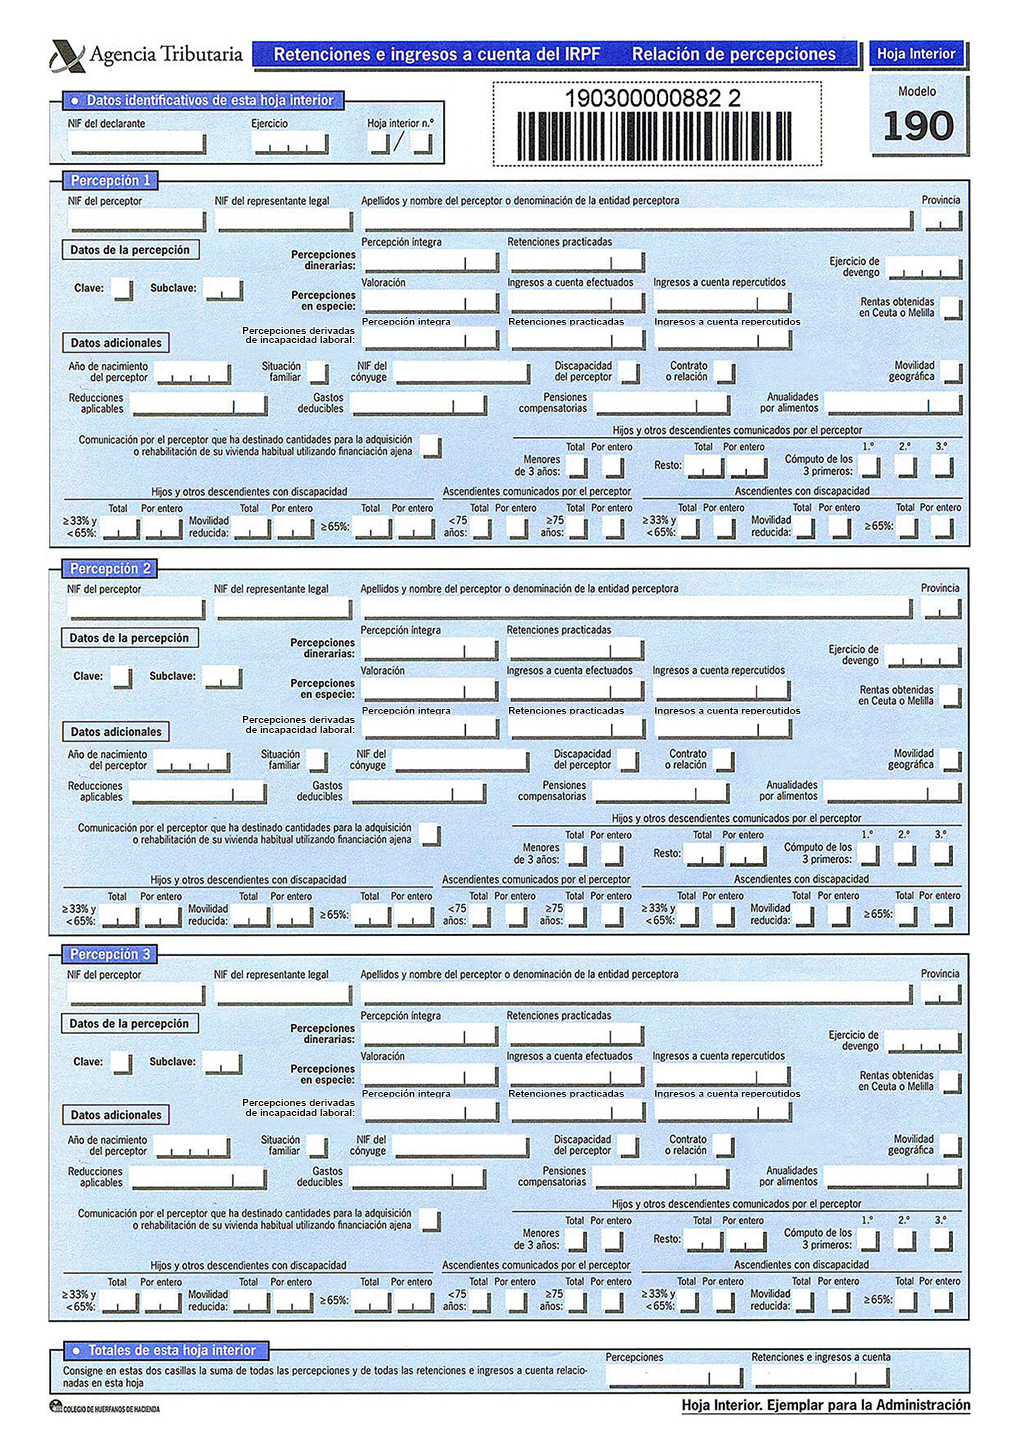 Cómo rellenar el modelo 190 de la agencia tributaria?